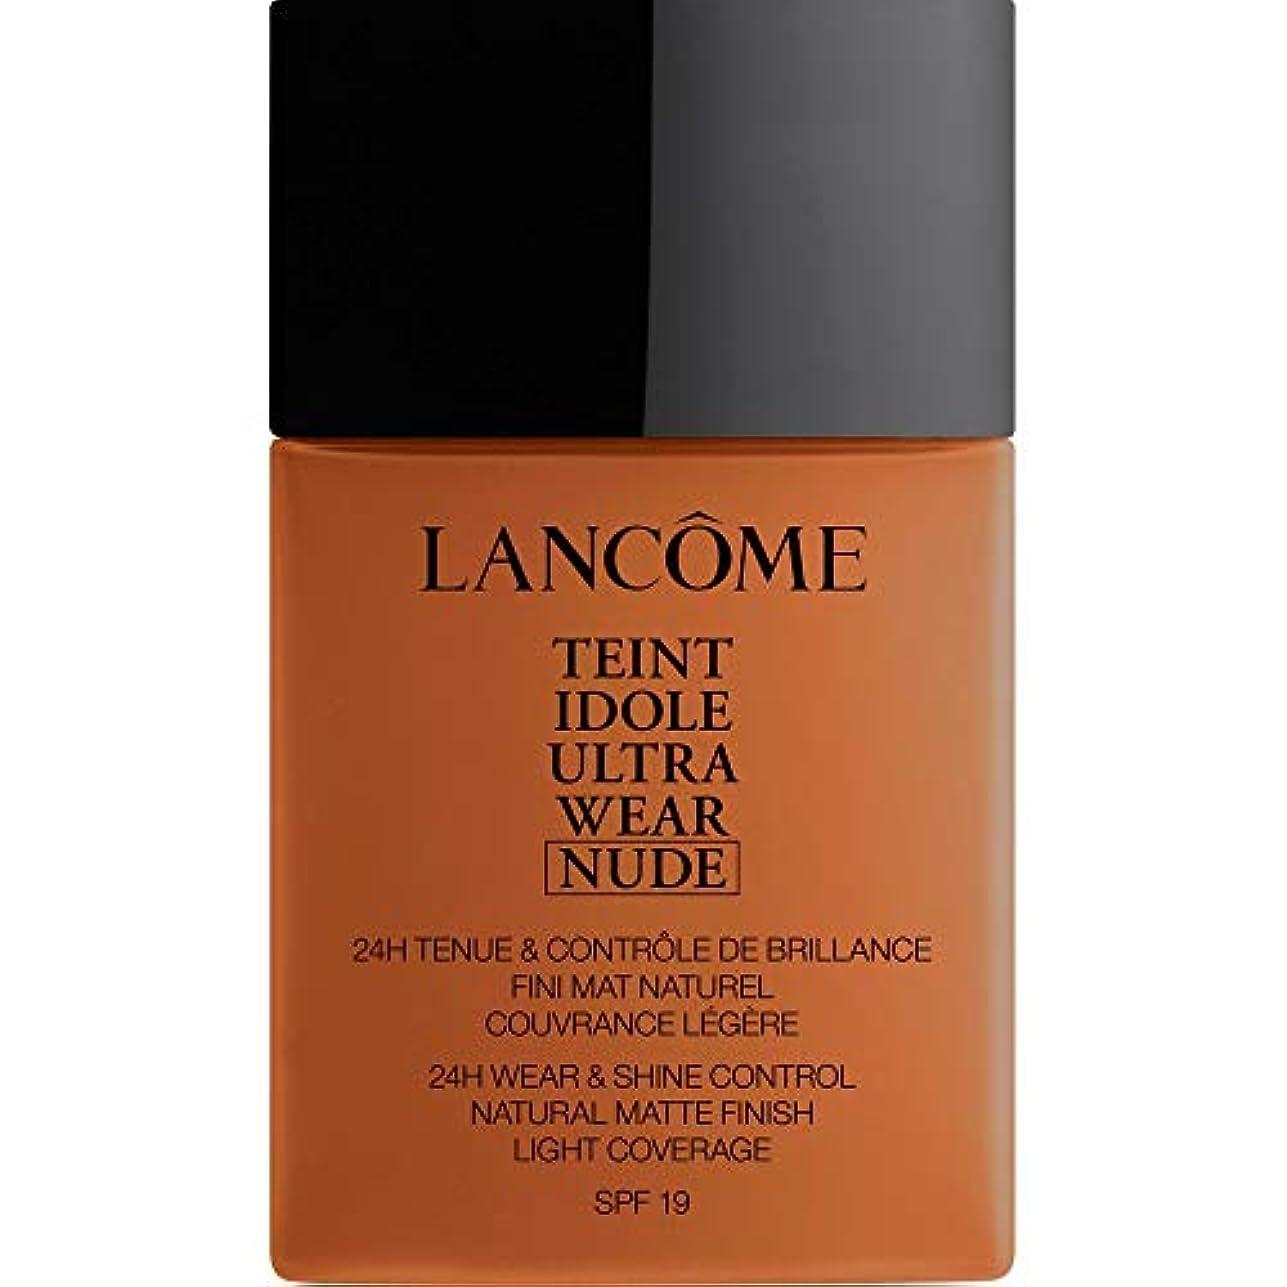 参照する系譜解放する[Lanc?me ] アンブレ - ランコムTeintのIdoleは、超ヌード基礎Spf19の40ミリリットル12を着用します - Lancome Teint Idole Ultra Wear Nude Foundation...